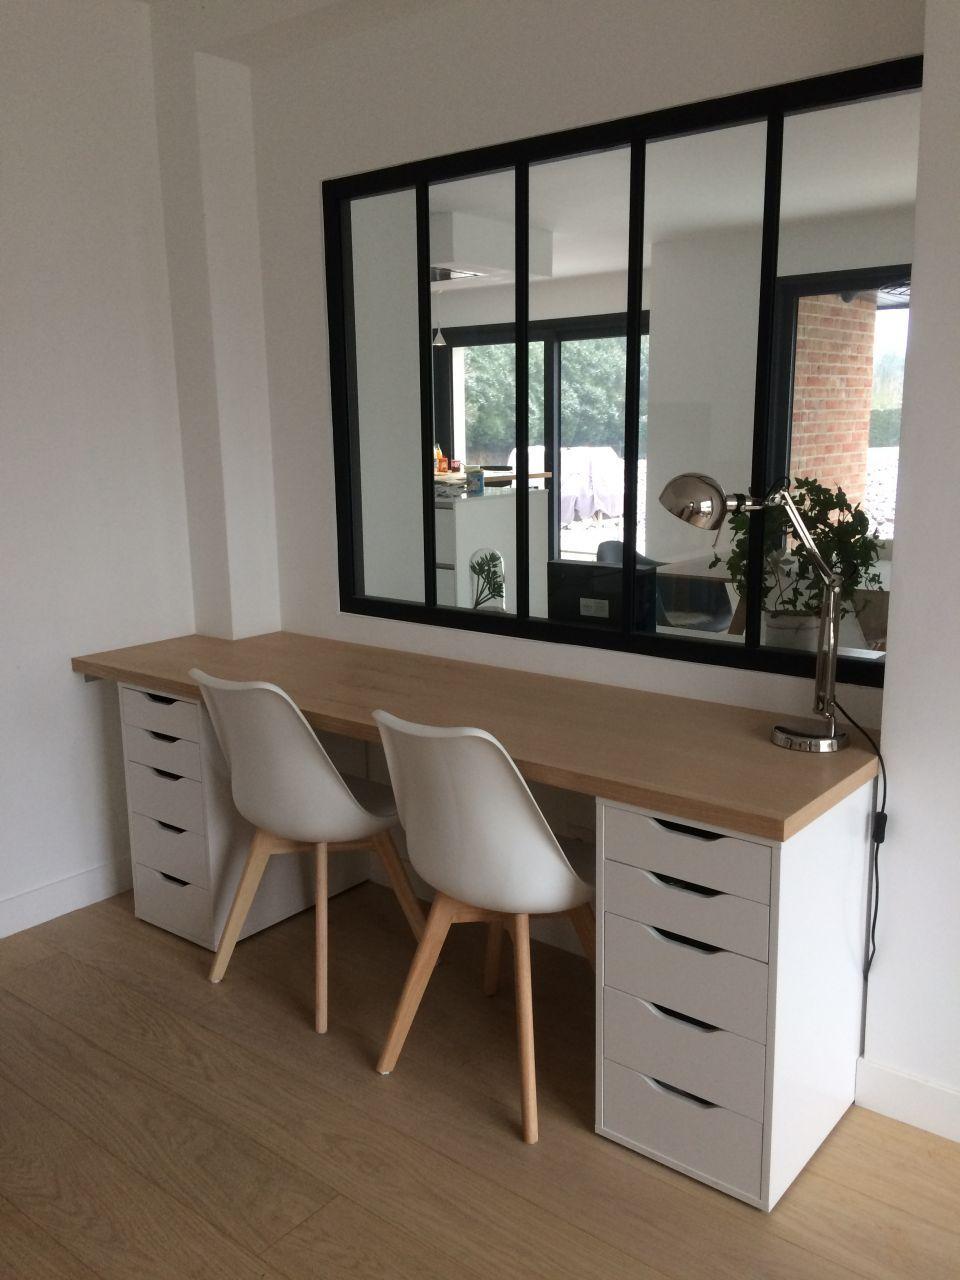 Installation du plateau en bois et montage du nouveau bureau  salon  Dcoration bureau Deco